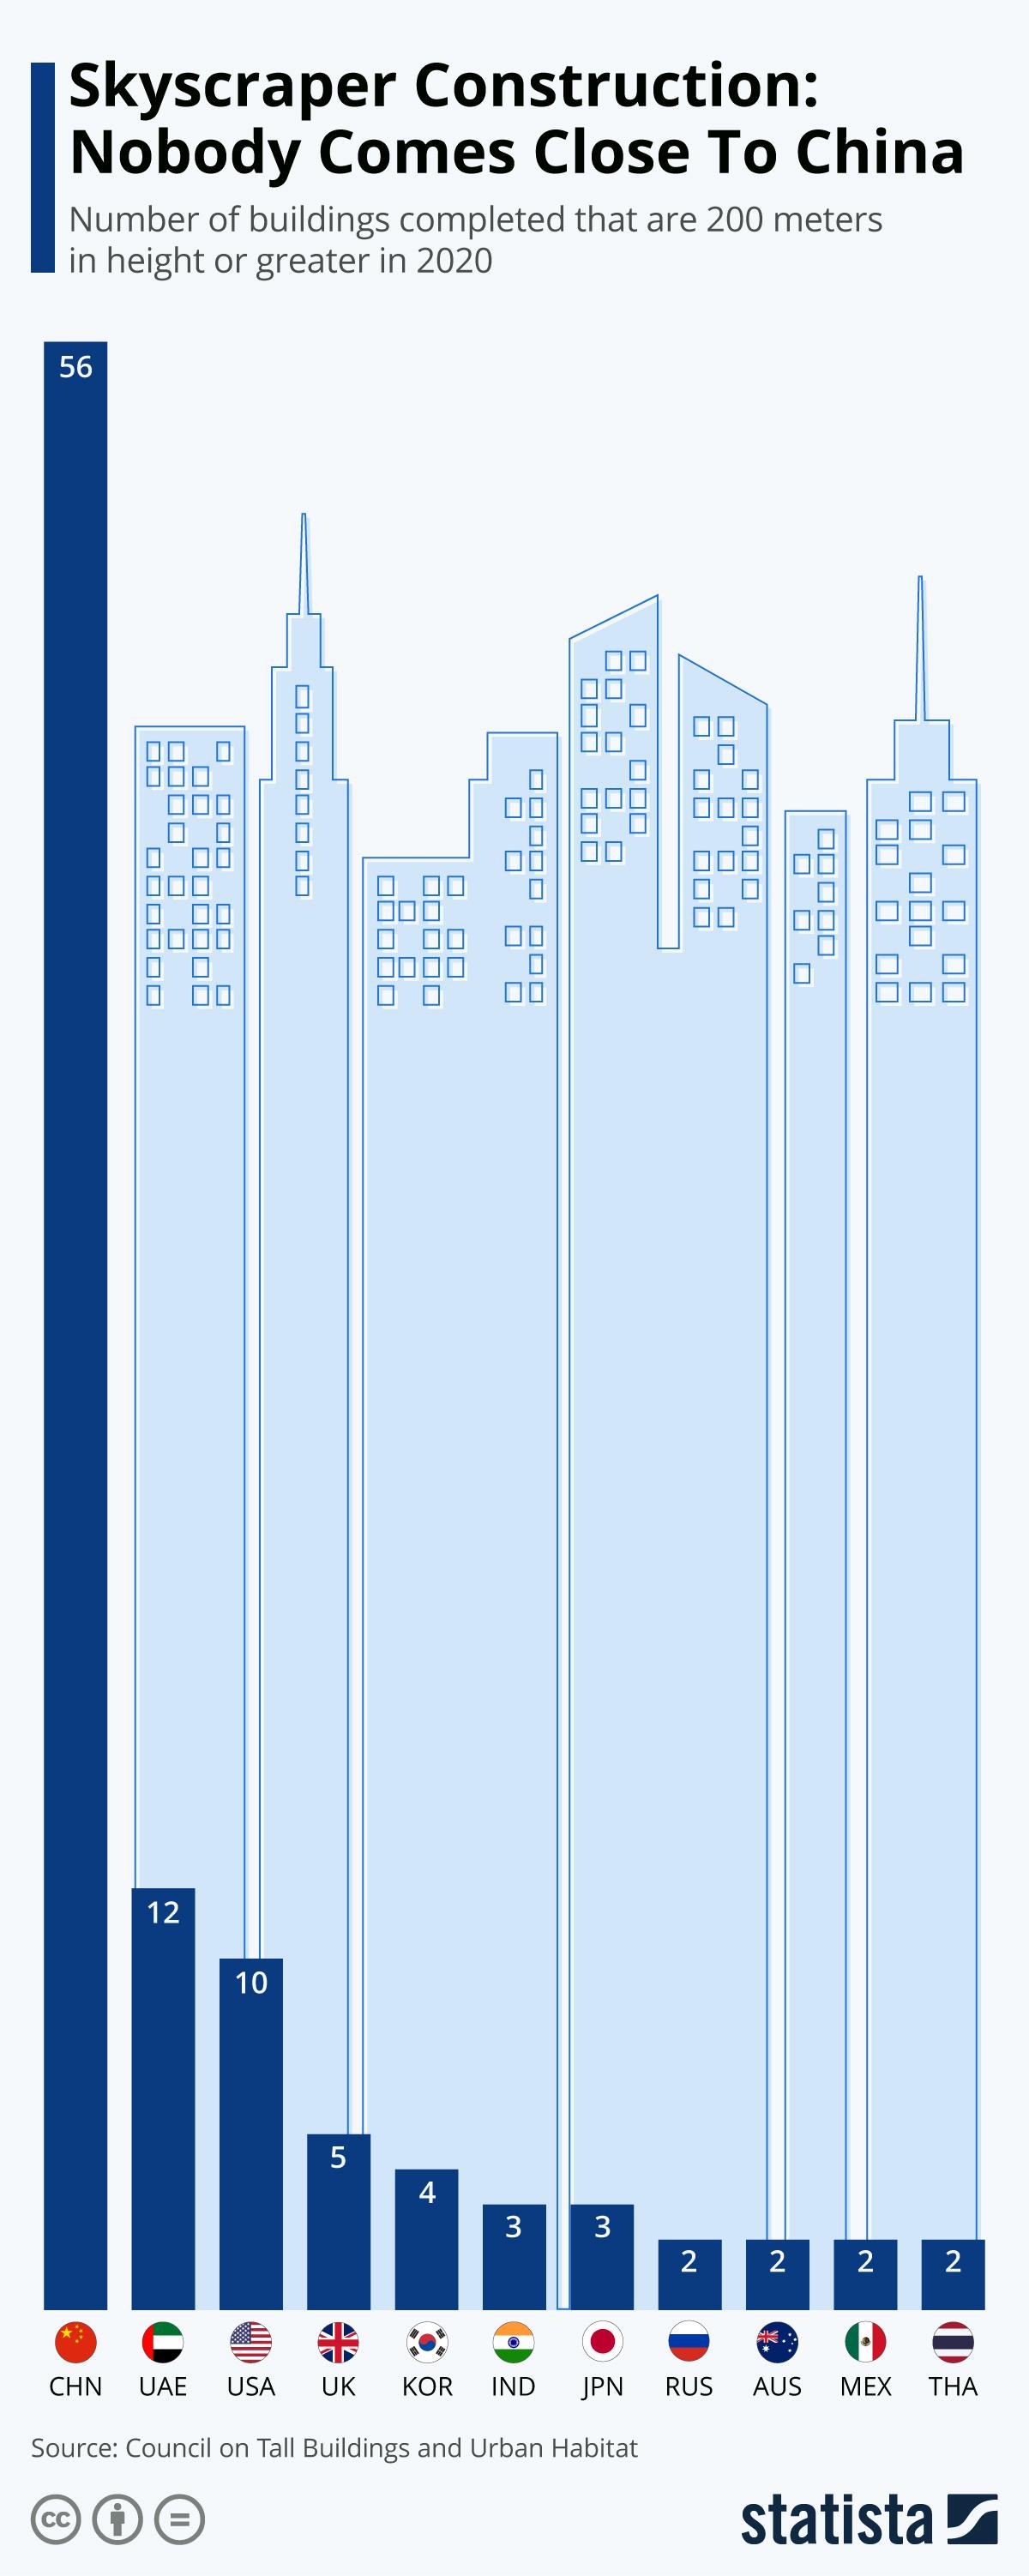 Количество построенных зданий высотой 200 м и более в 2020 году, инфографика и данные Statista.com